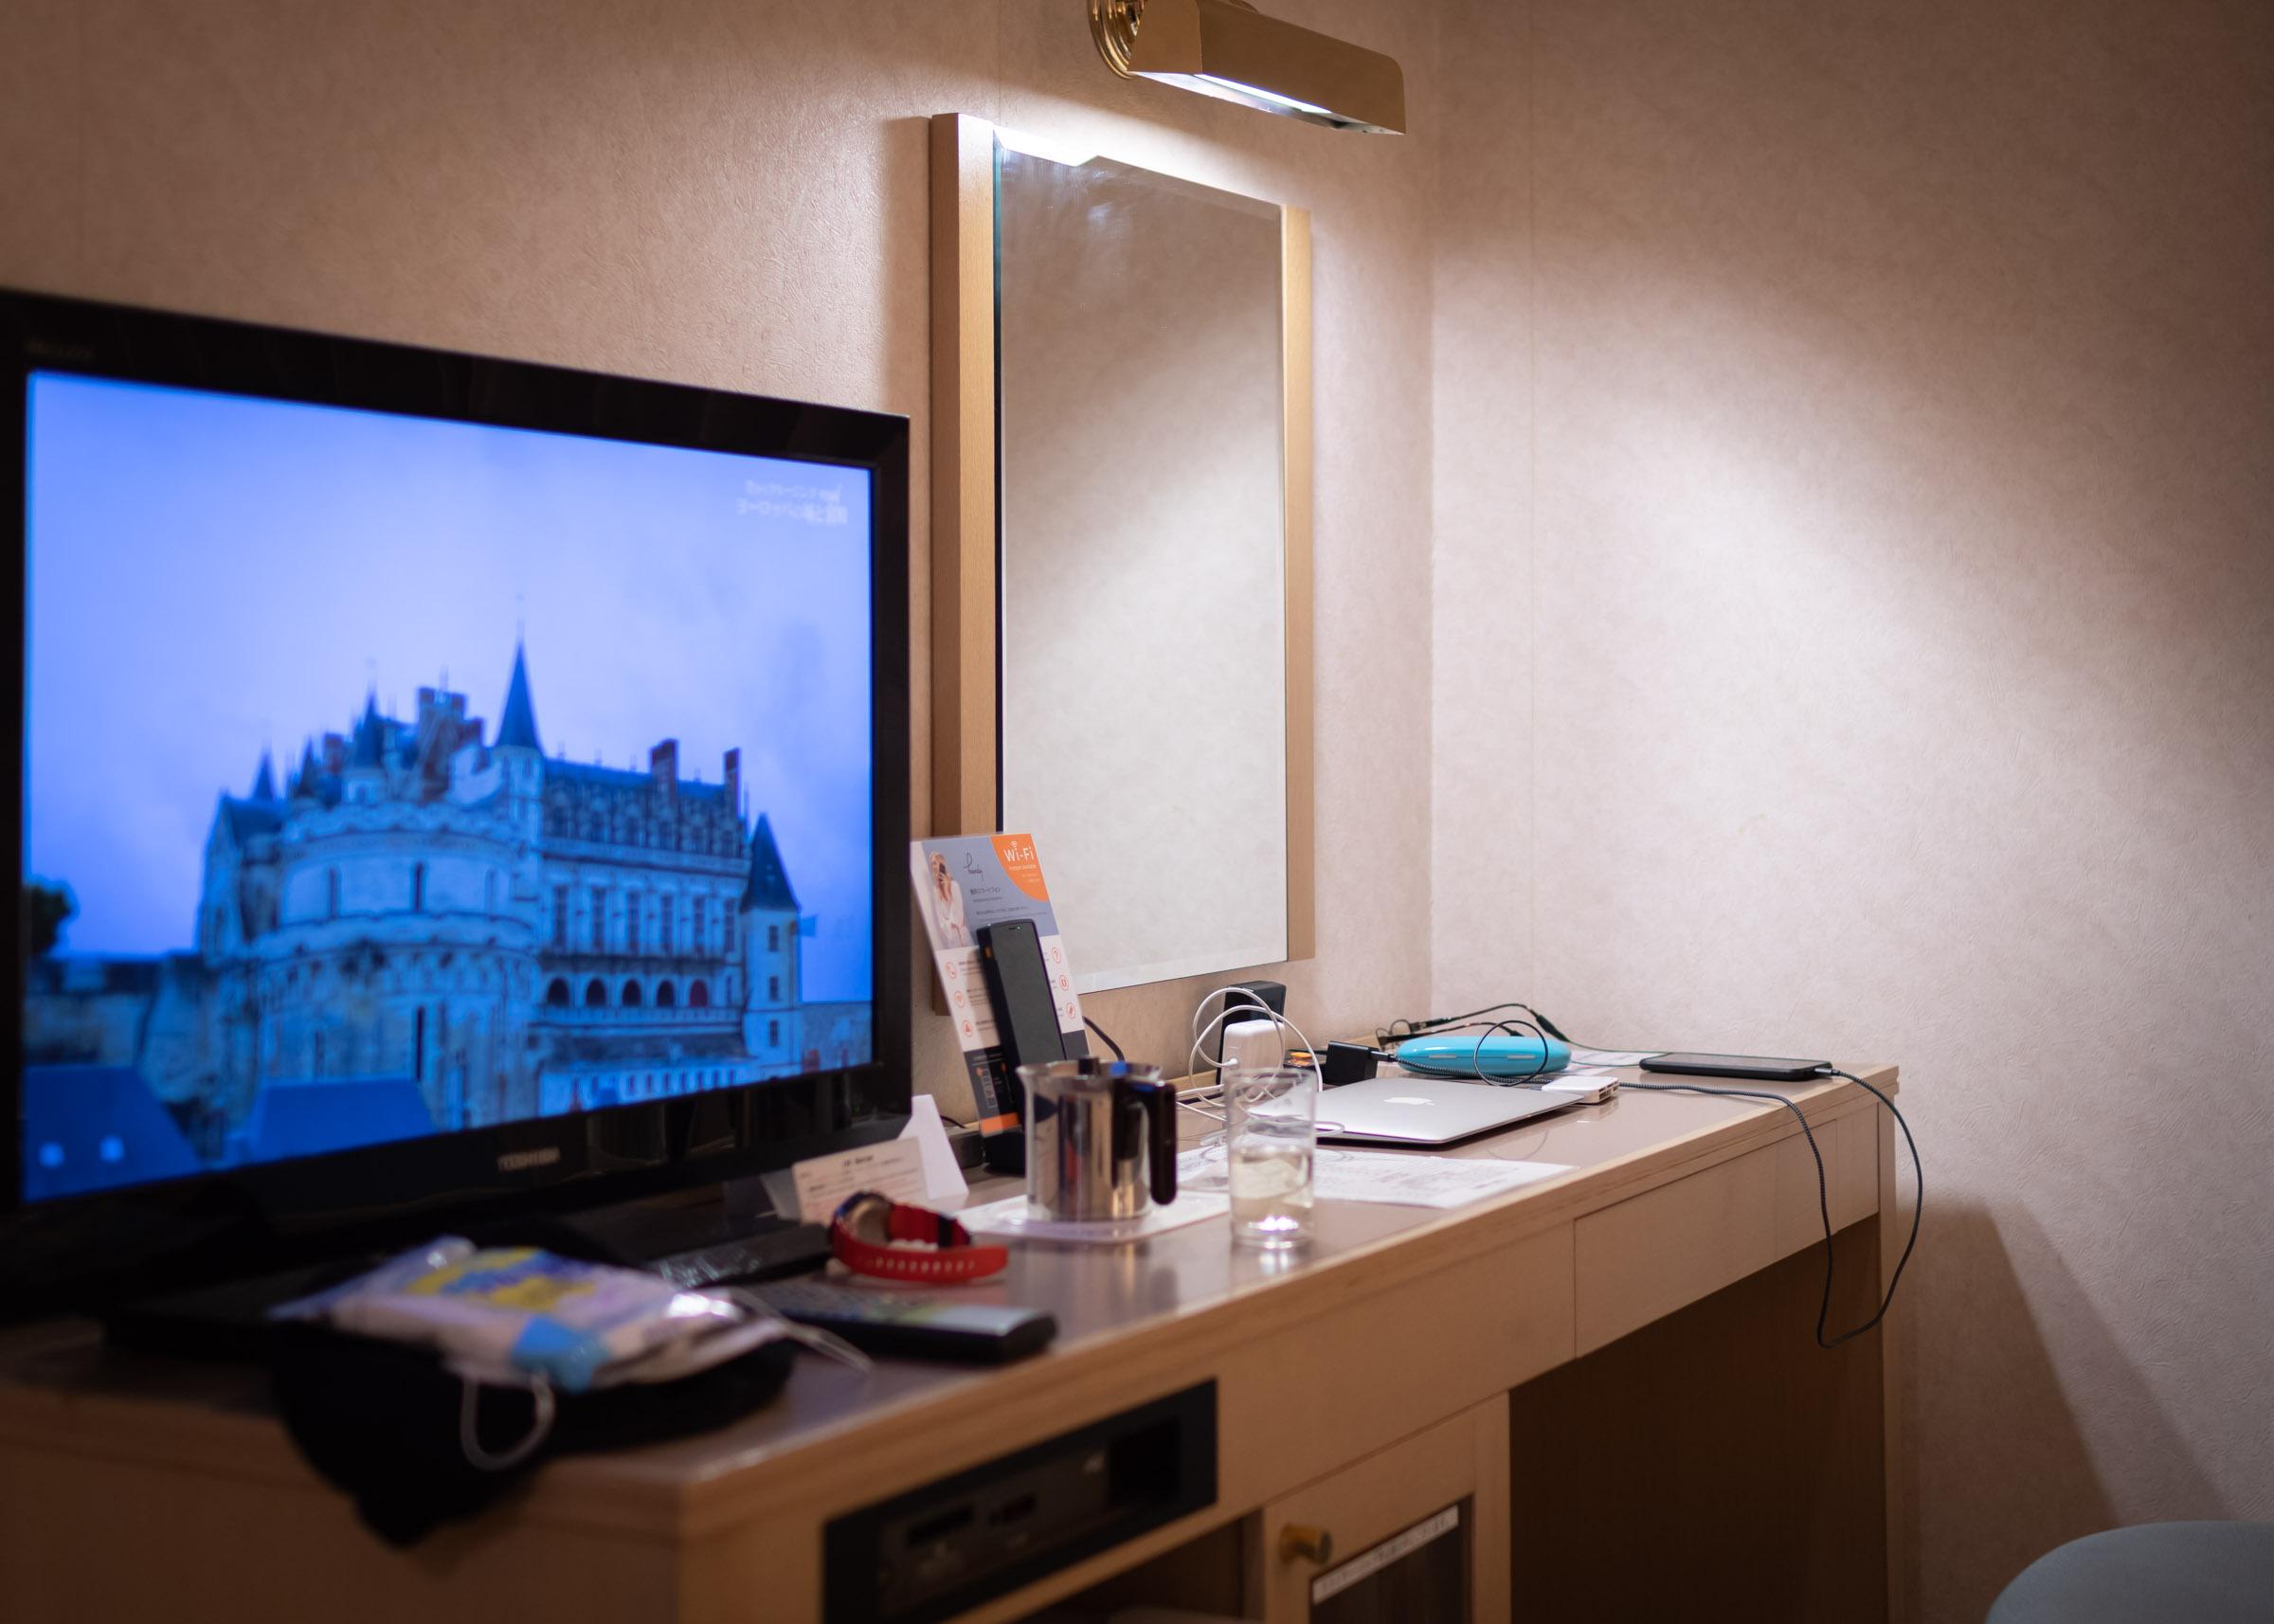 札幌第一ホテルの客室 DMC-GX8 + LEICA DG 12-60mm